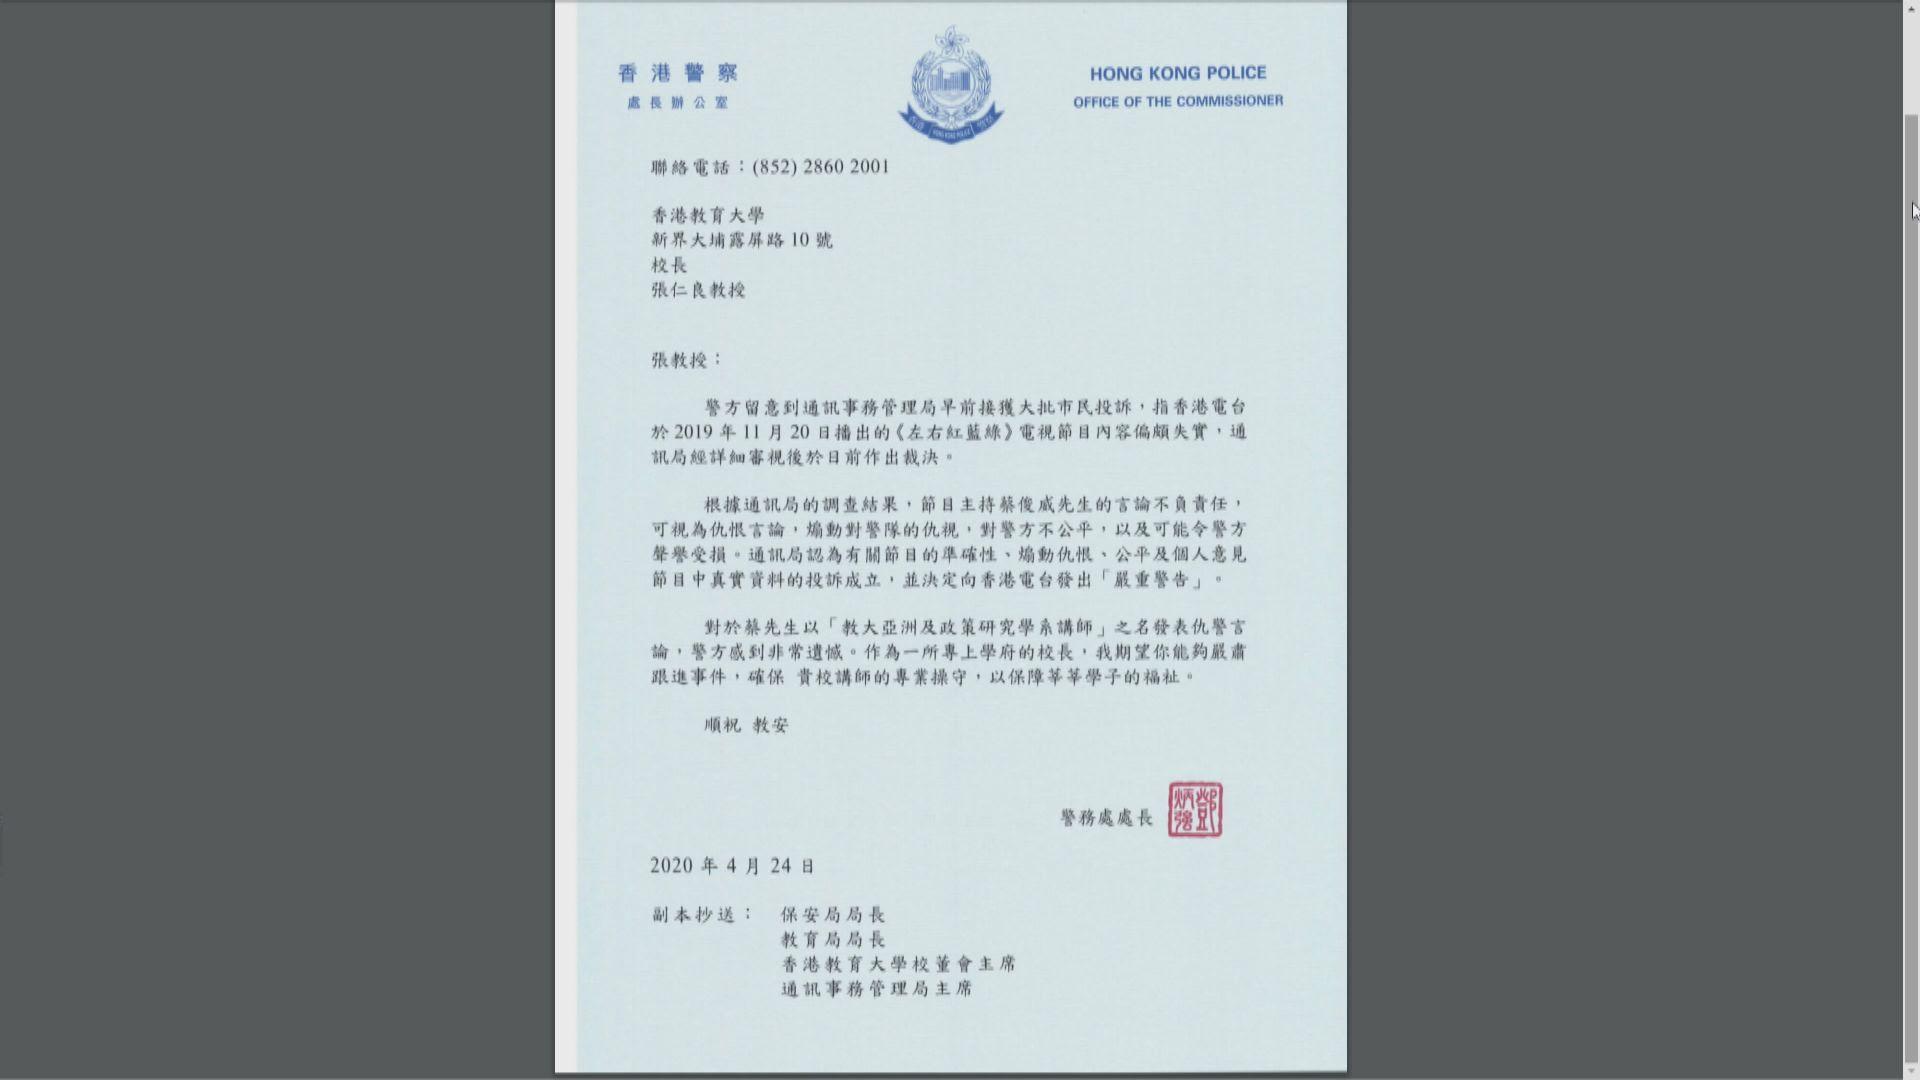 鄧炳強向教大校長發信促跟進講師於港台節目言論